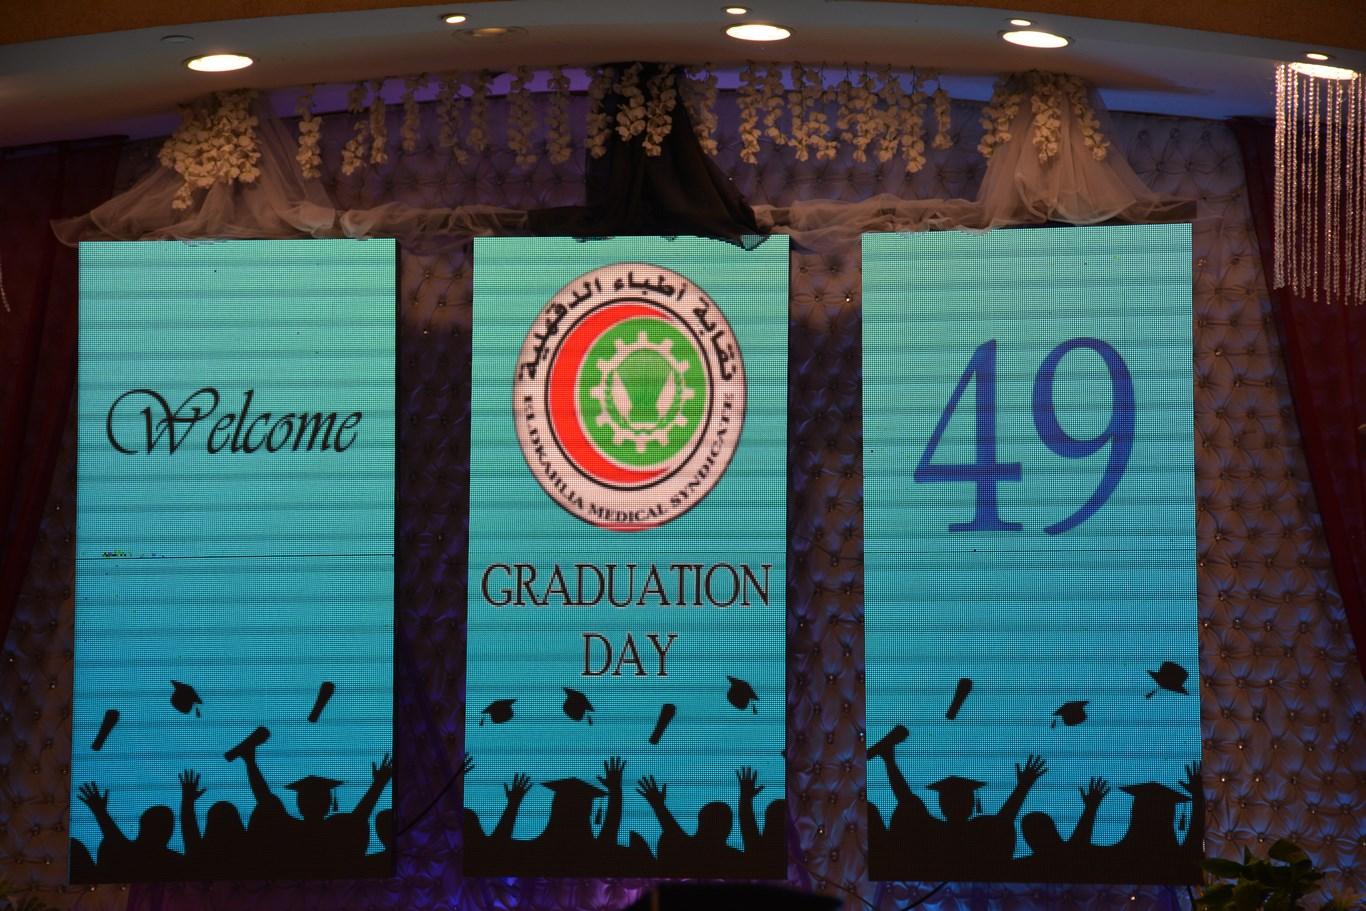 حفل تخريج طلاب الدفعة 49 طب المنصورة  (2)